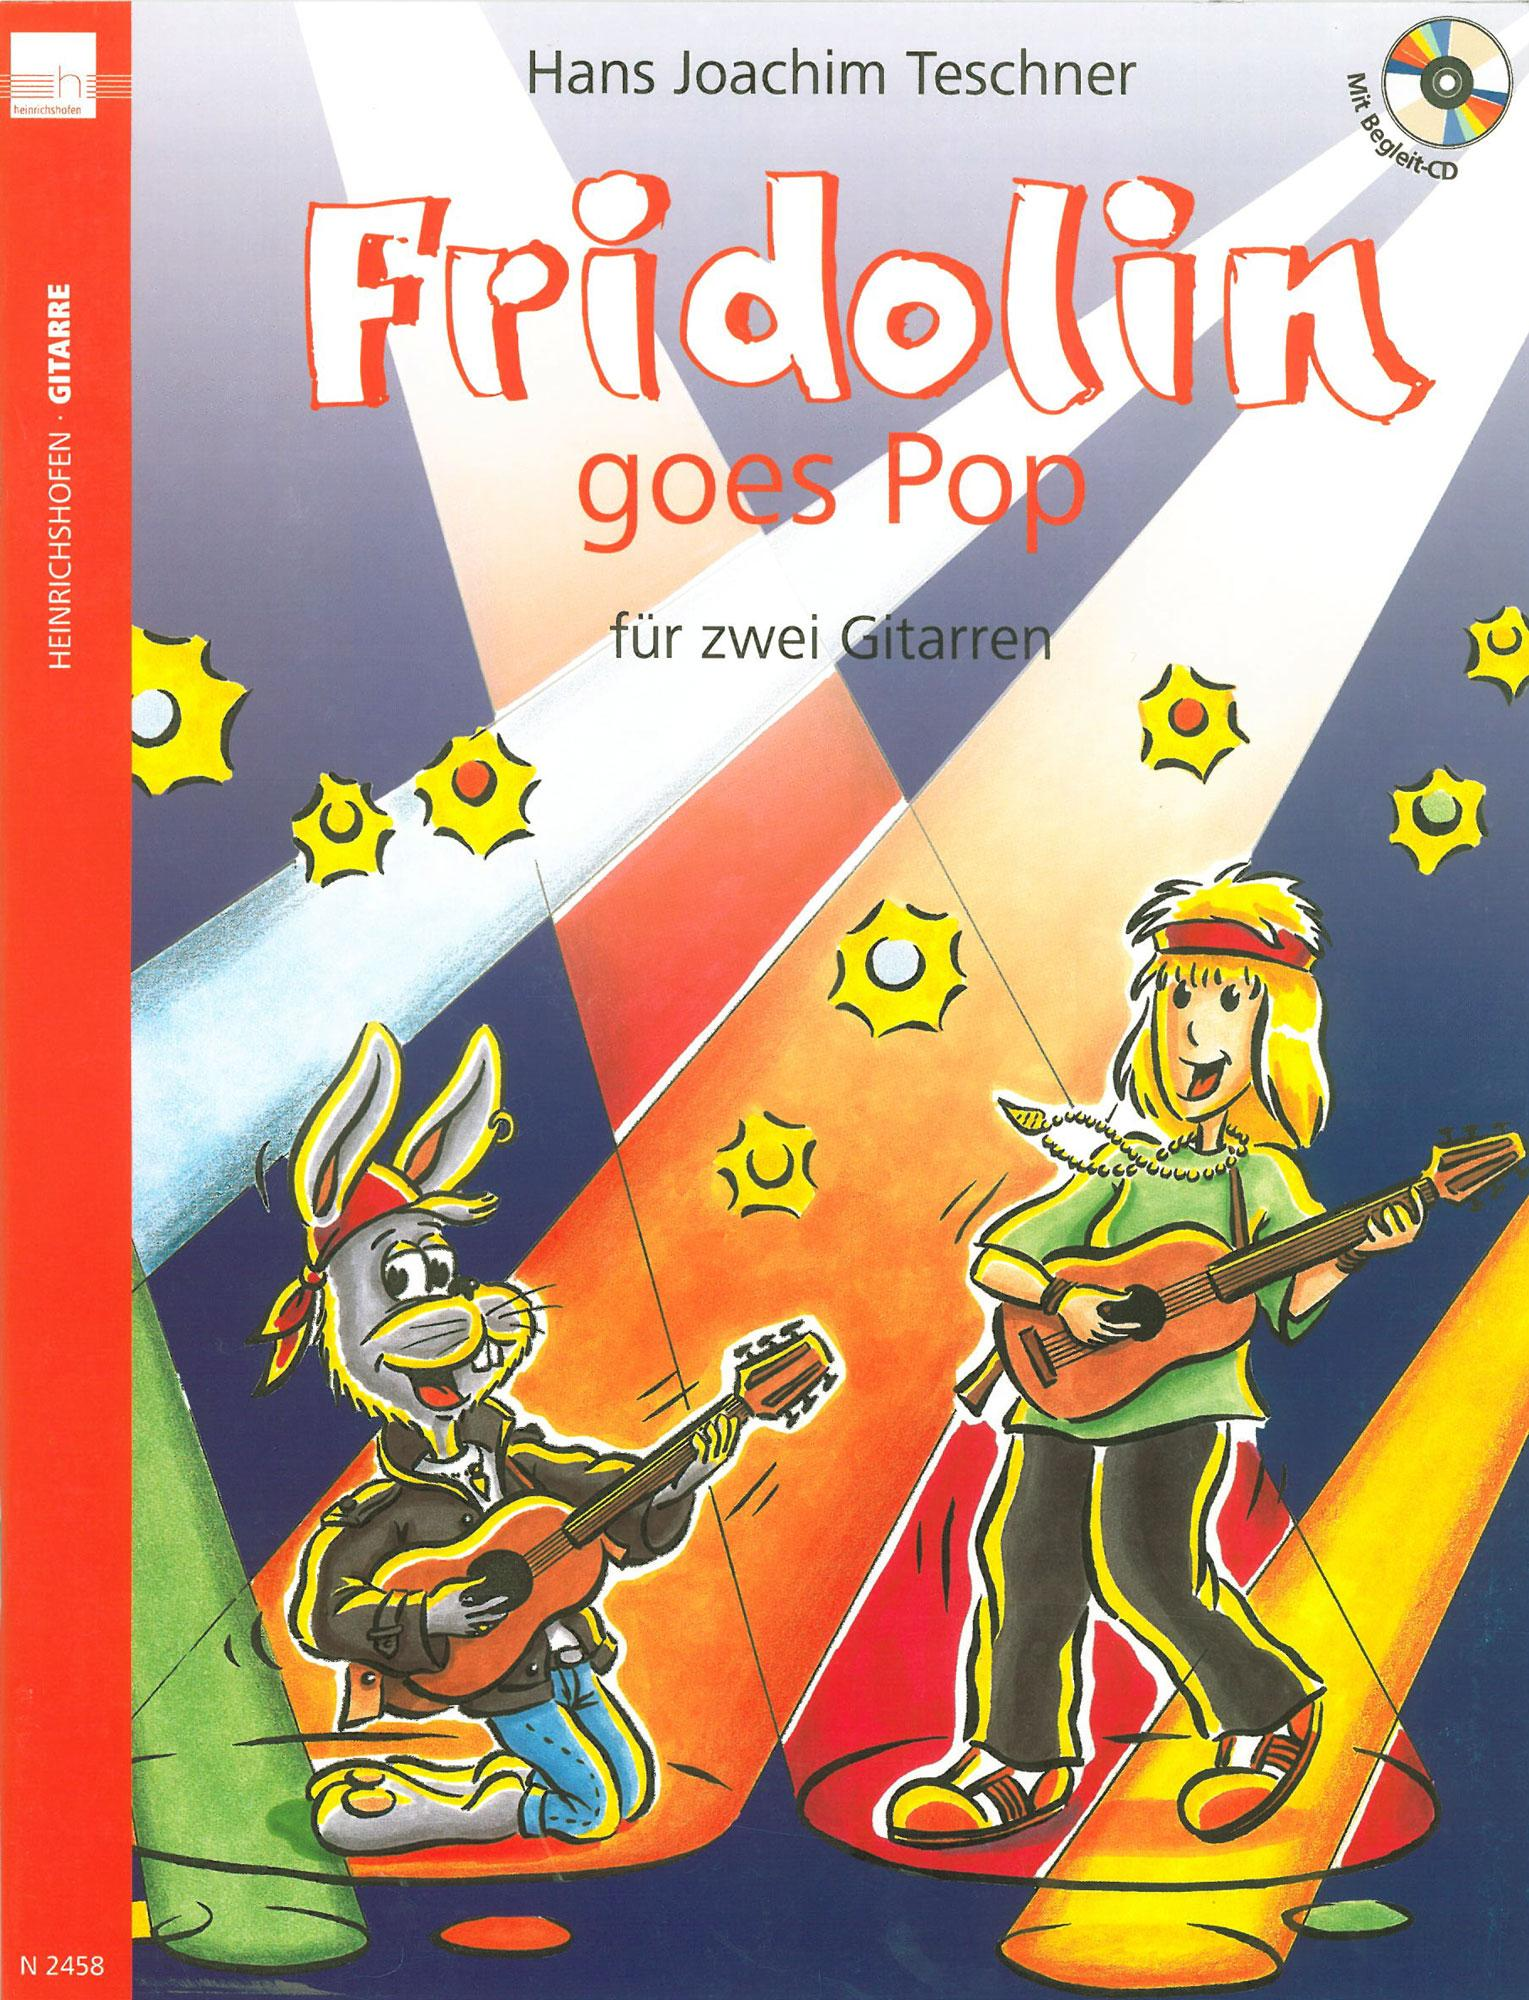 Gitarrelernen - Fridolin goes Pop für zwei Gitarren CD - Onlineshop Musikhaus Kirstein